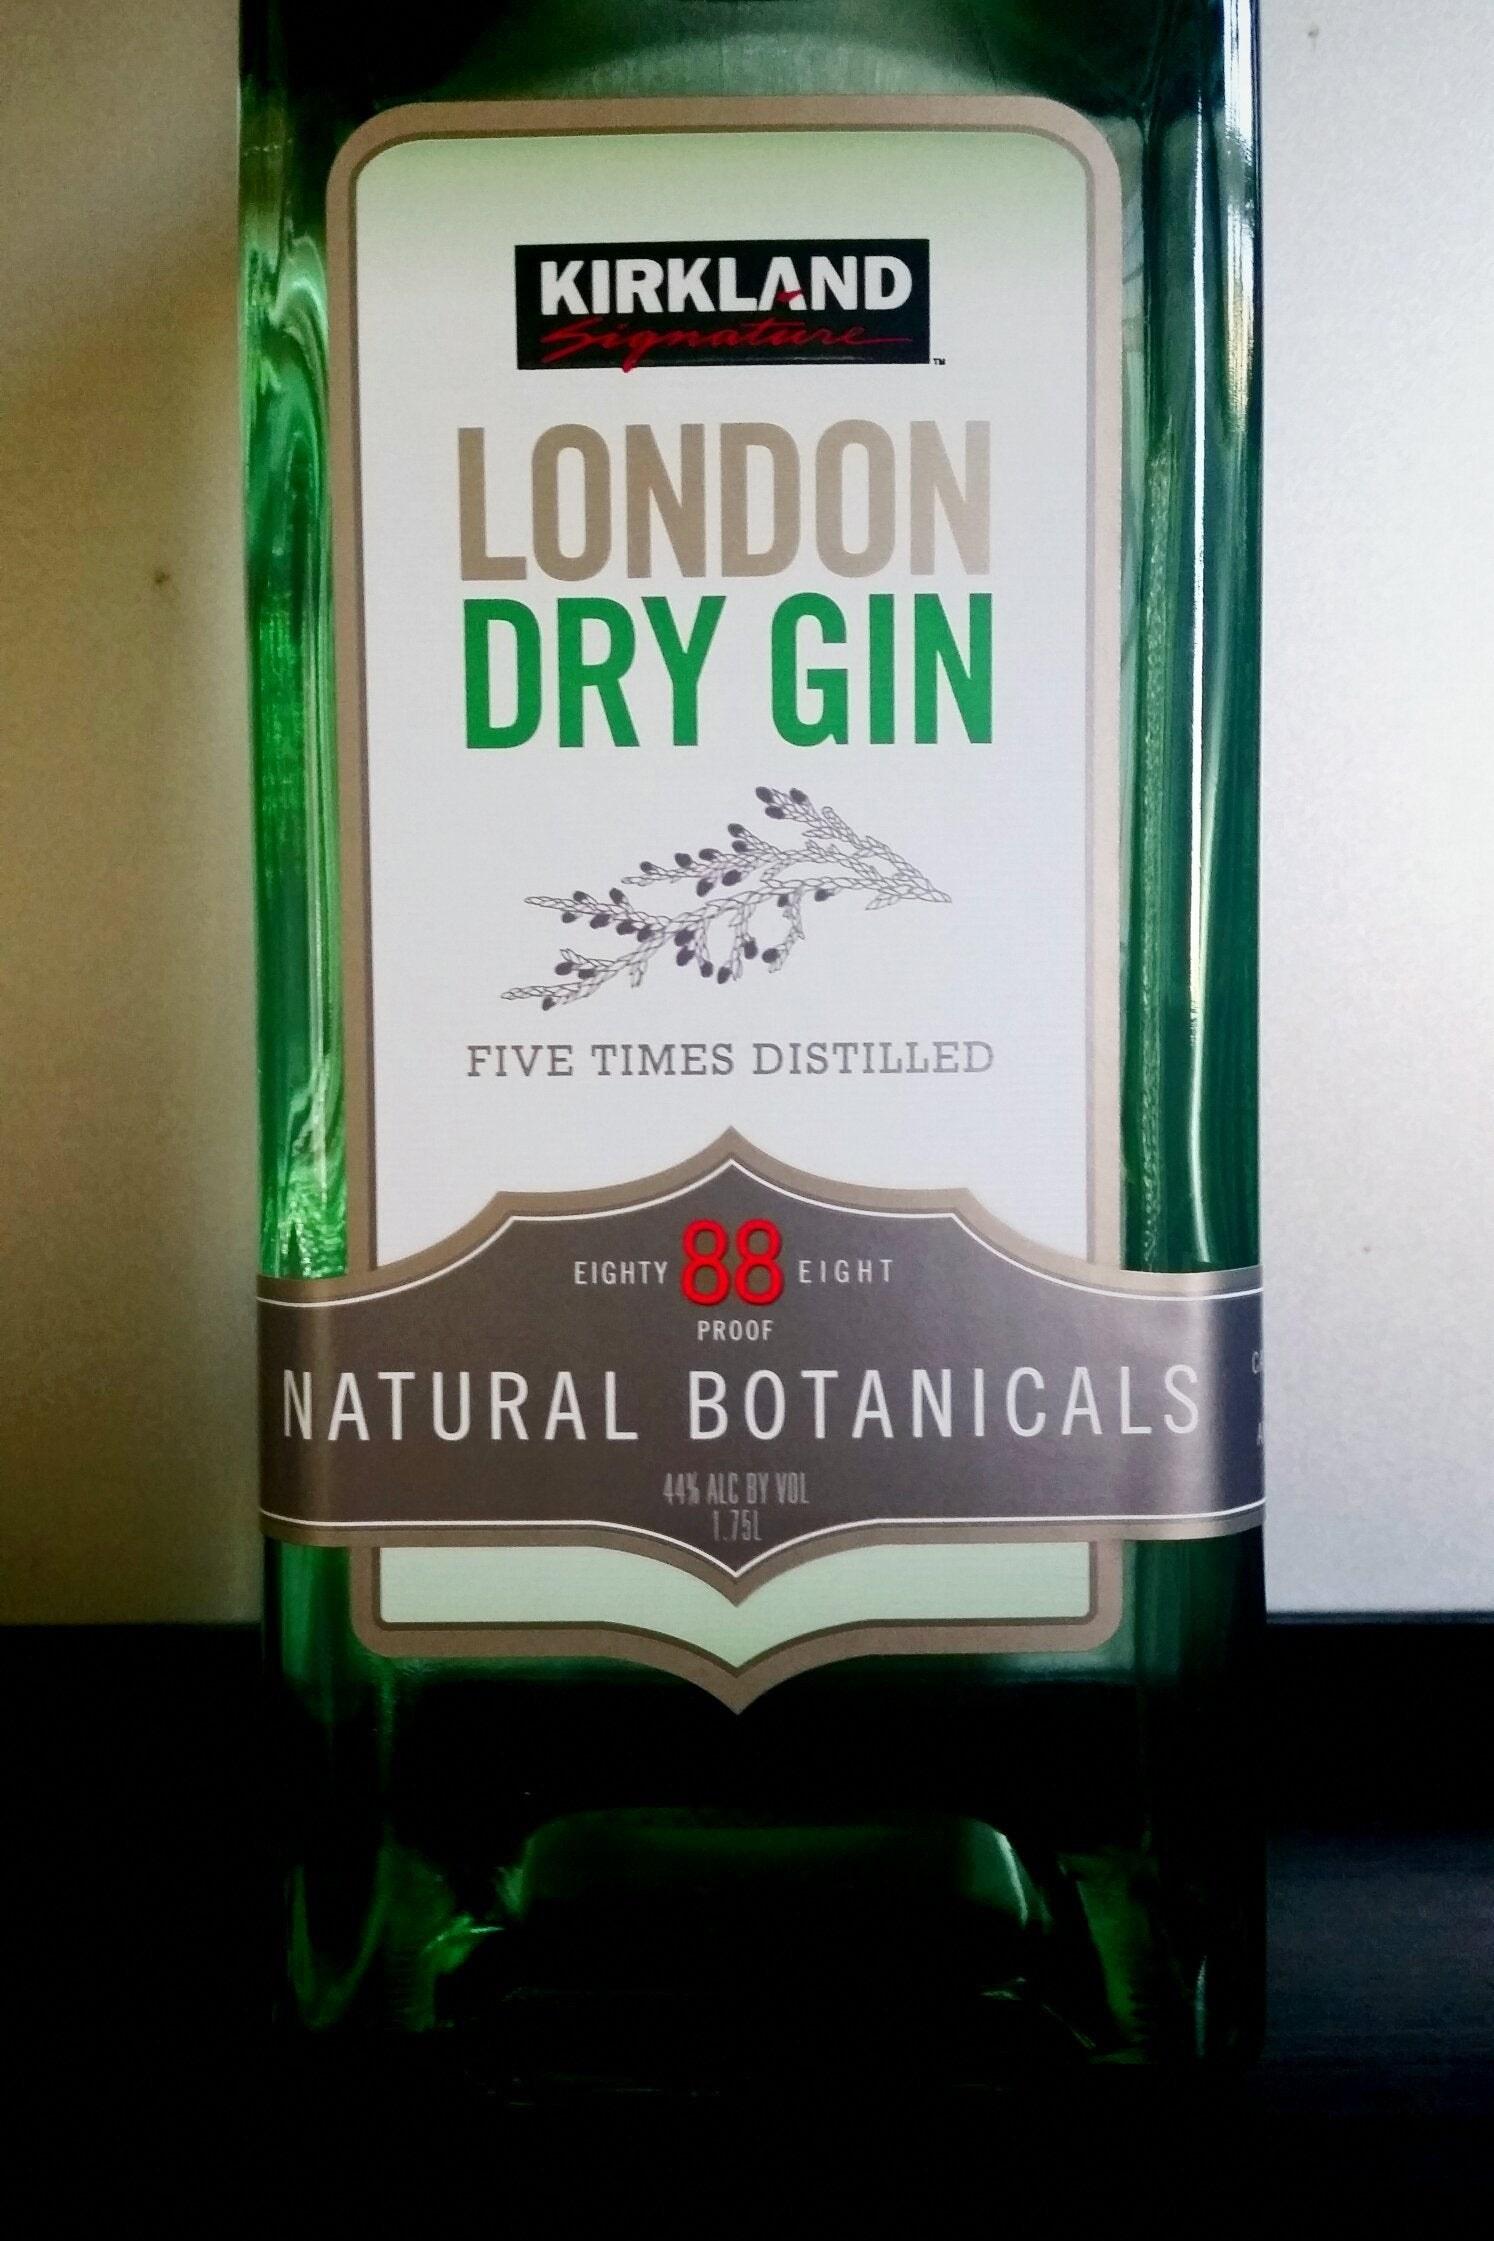 A bottle of Kirkland London dry gin.